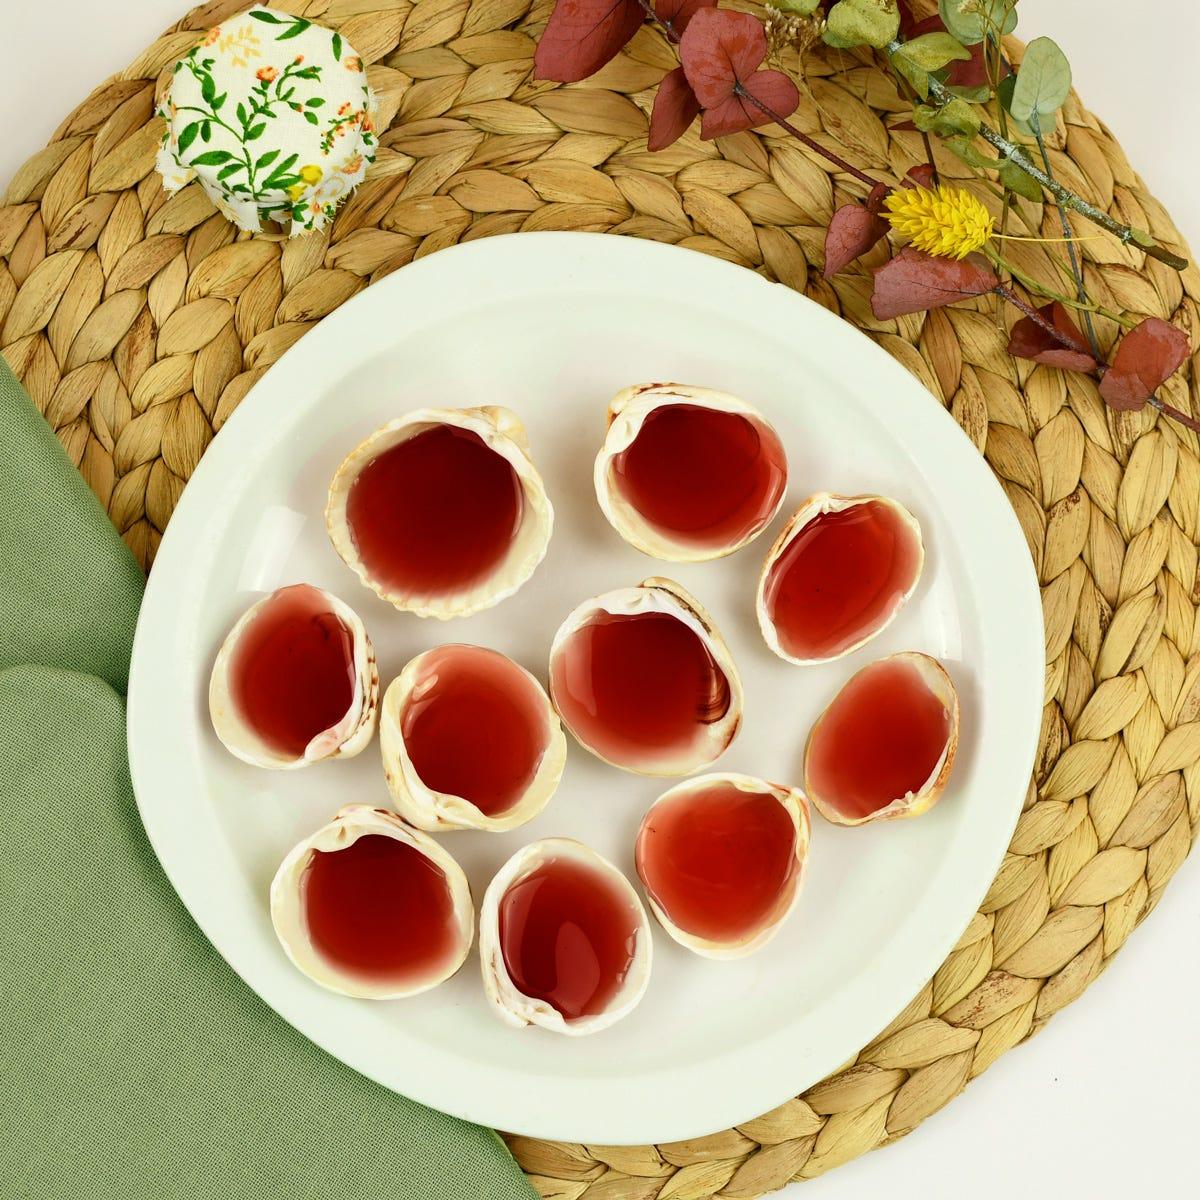 Une recette roudoudous coquillages, idéale pour de délicieux bonbons d'été !